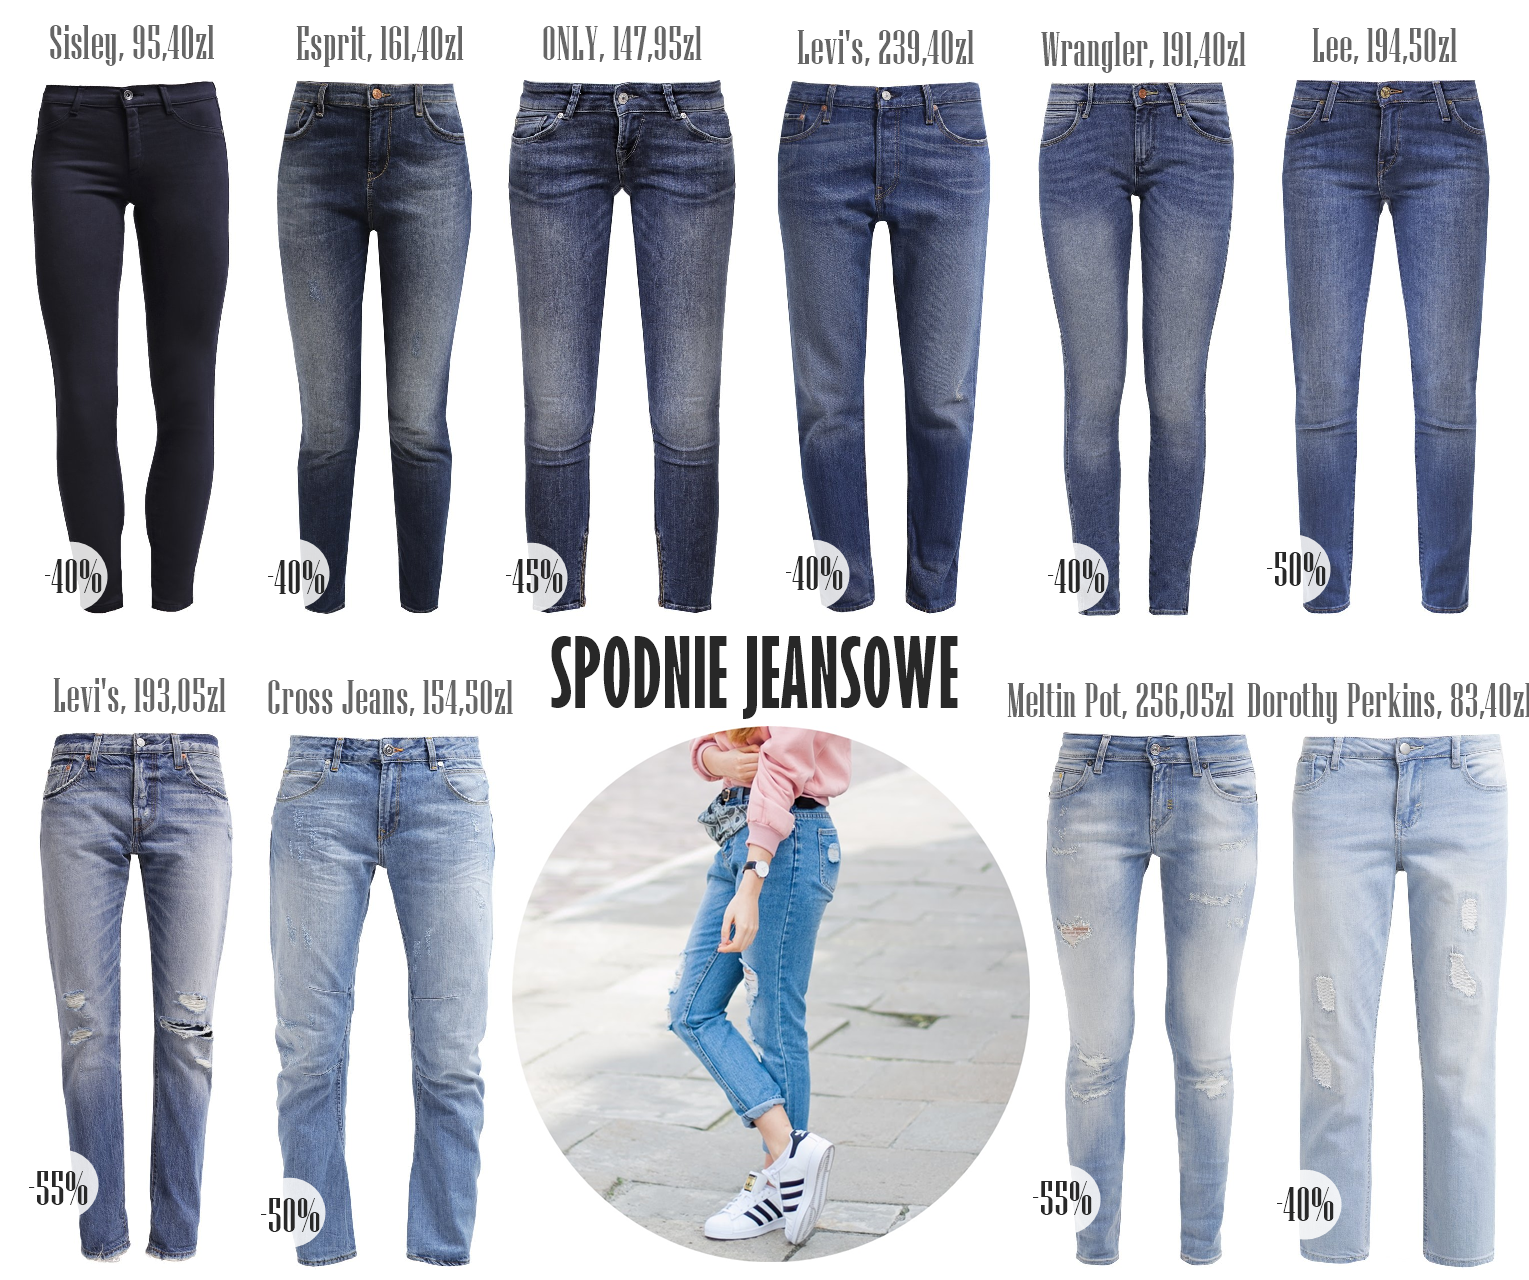 spodnie-jeansowe-jeansy-wyprzedaz